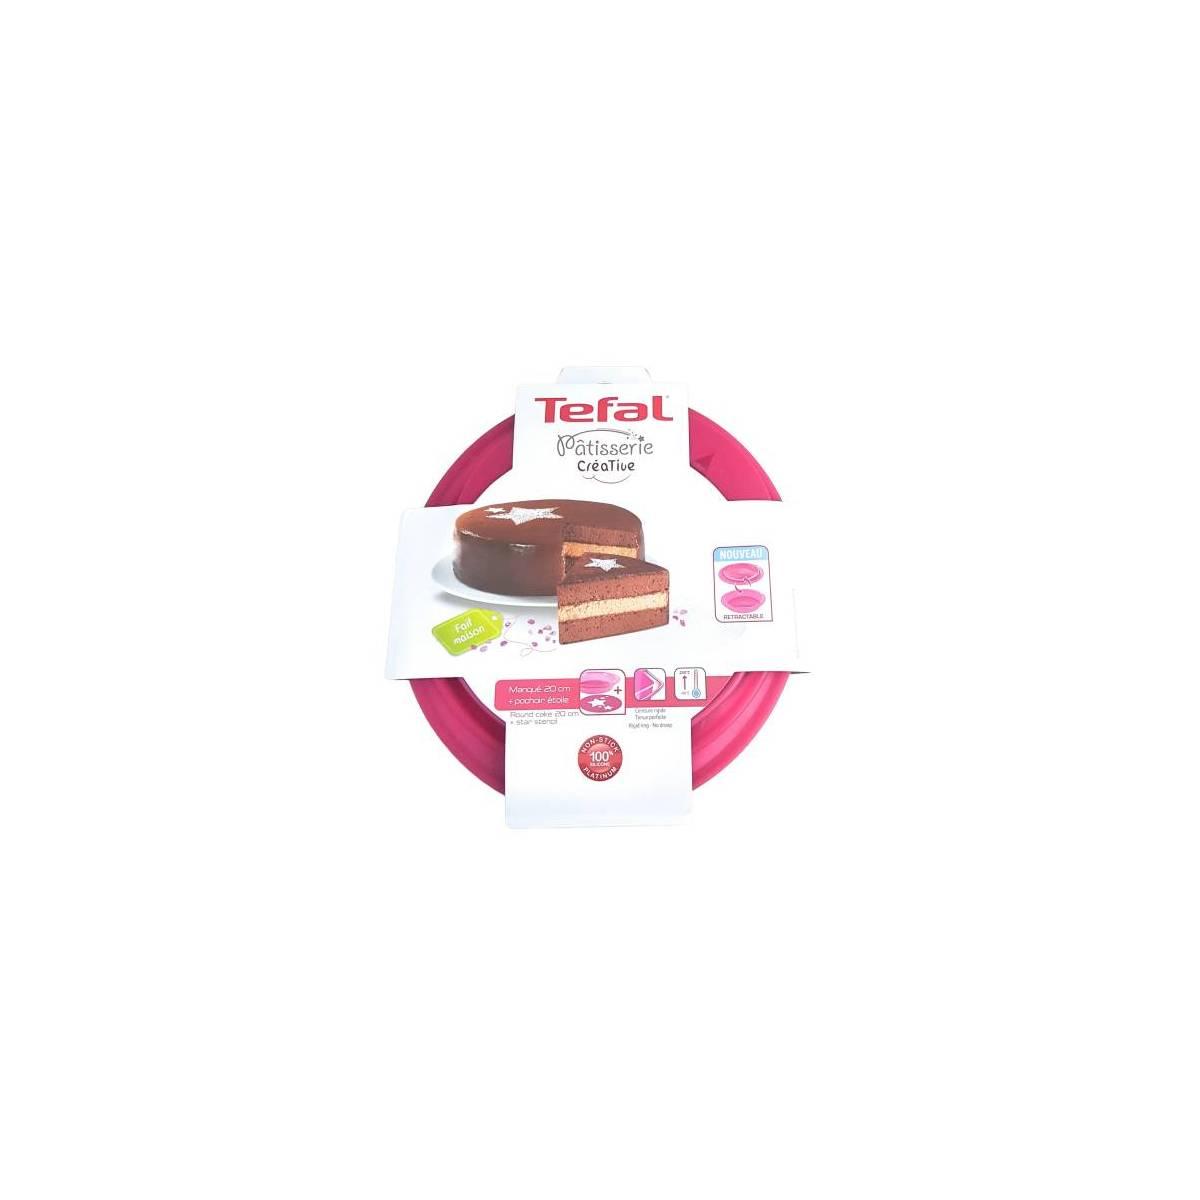 Tefal - Pâtisserie Créative - Moule à Manqué 20 cm + Pochoir Etoile